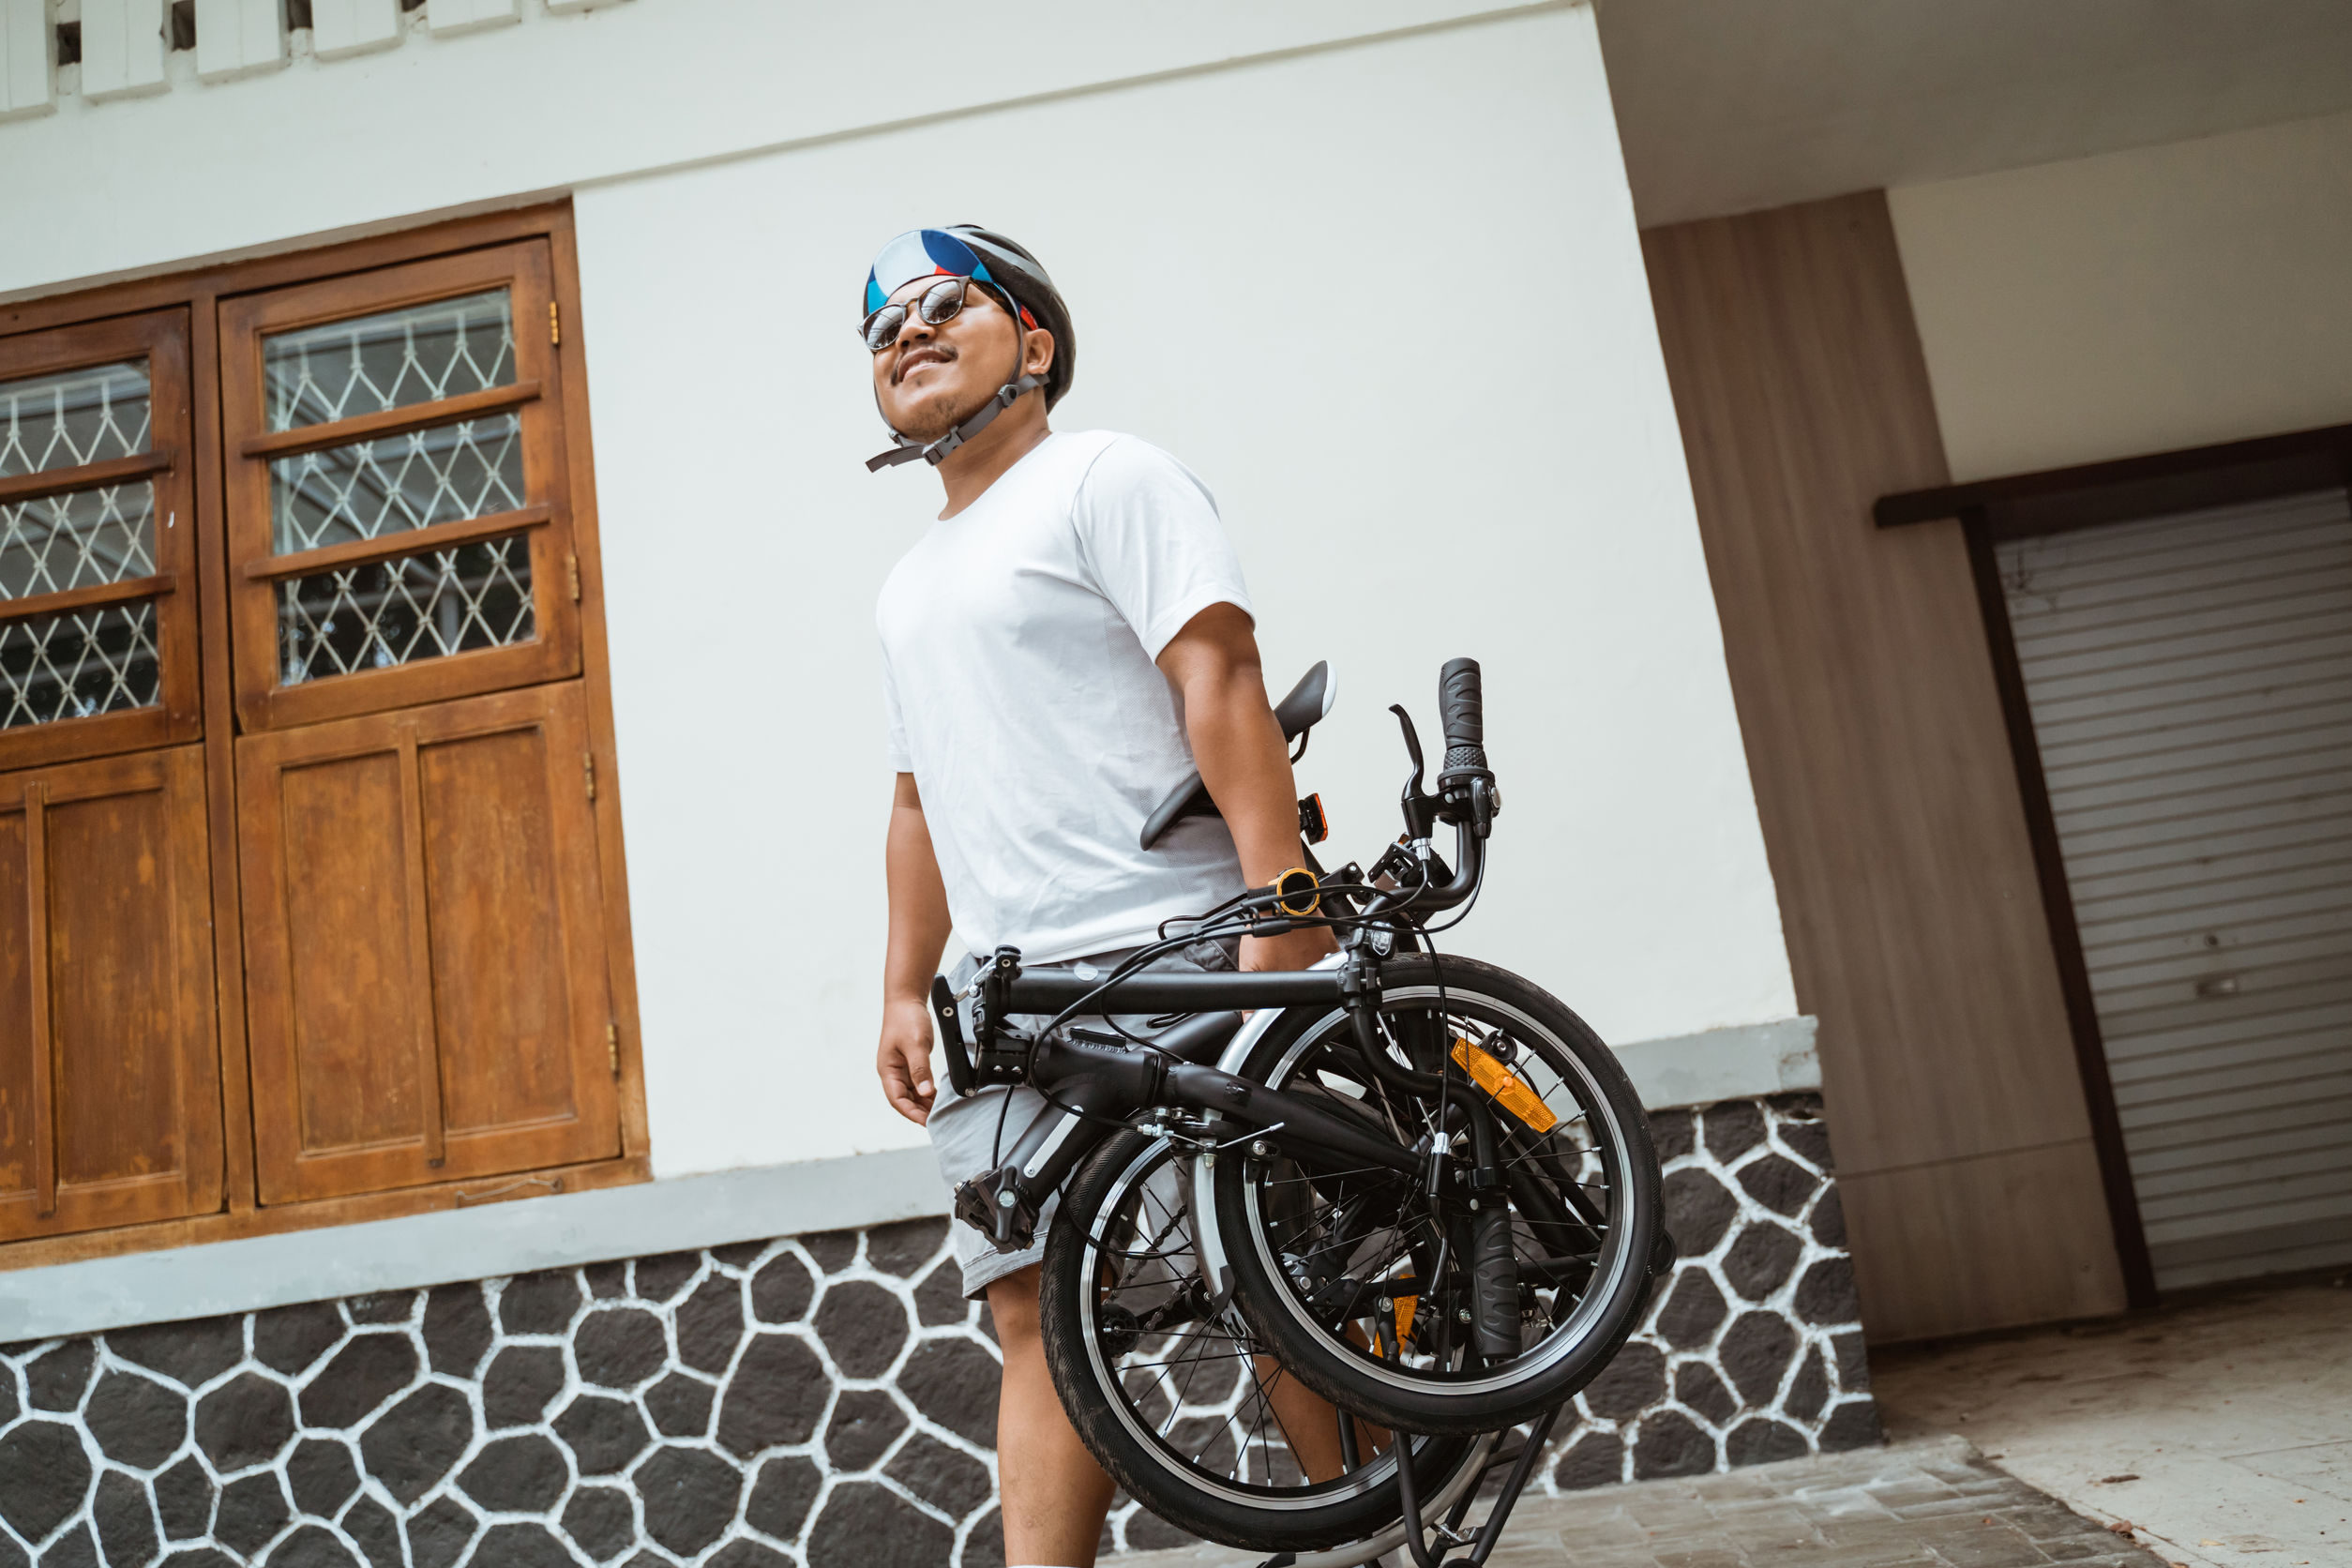 chico con bicicleta plegable